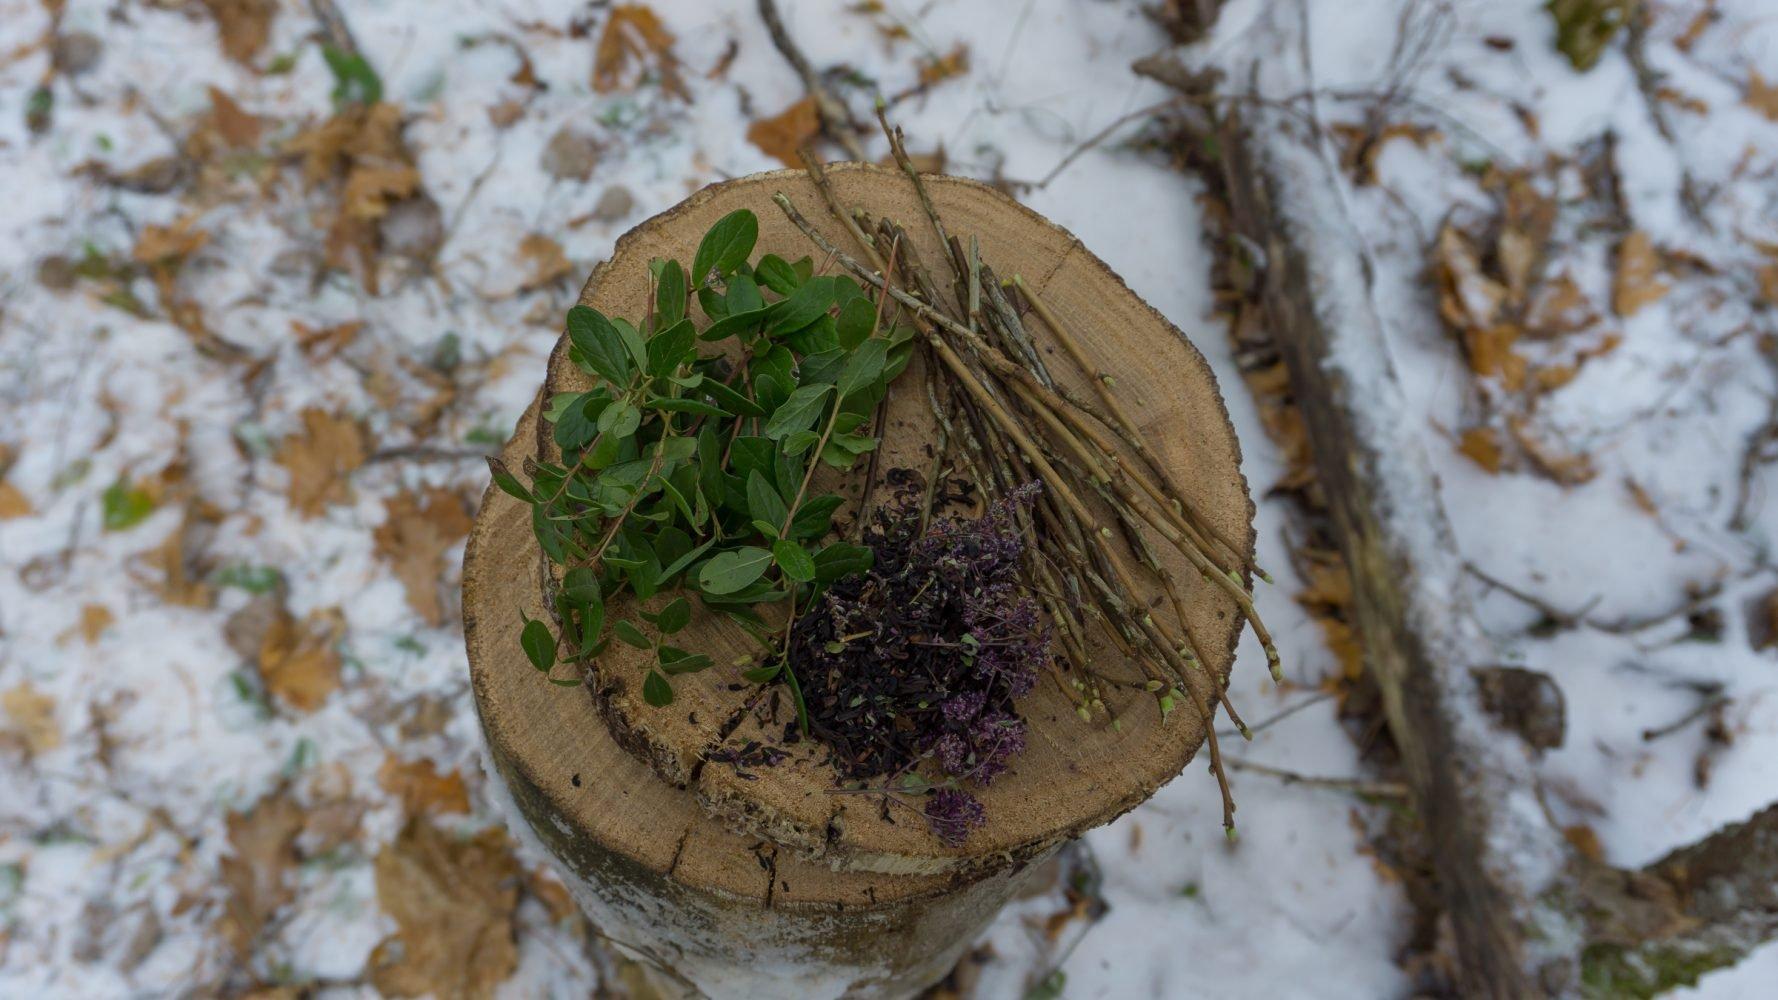 Азбука вкуса: черный чай, душица, брусничный лист, смородина